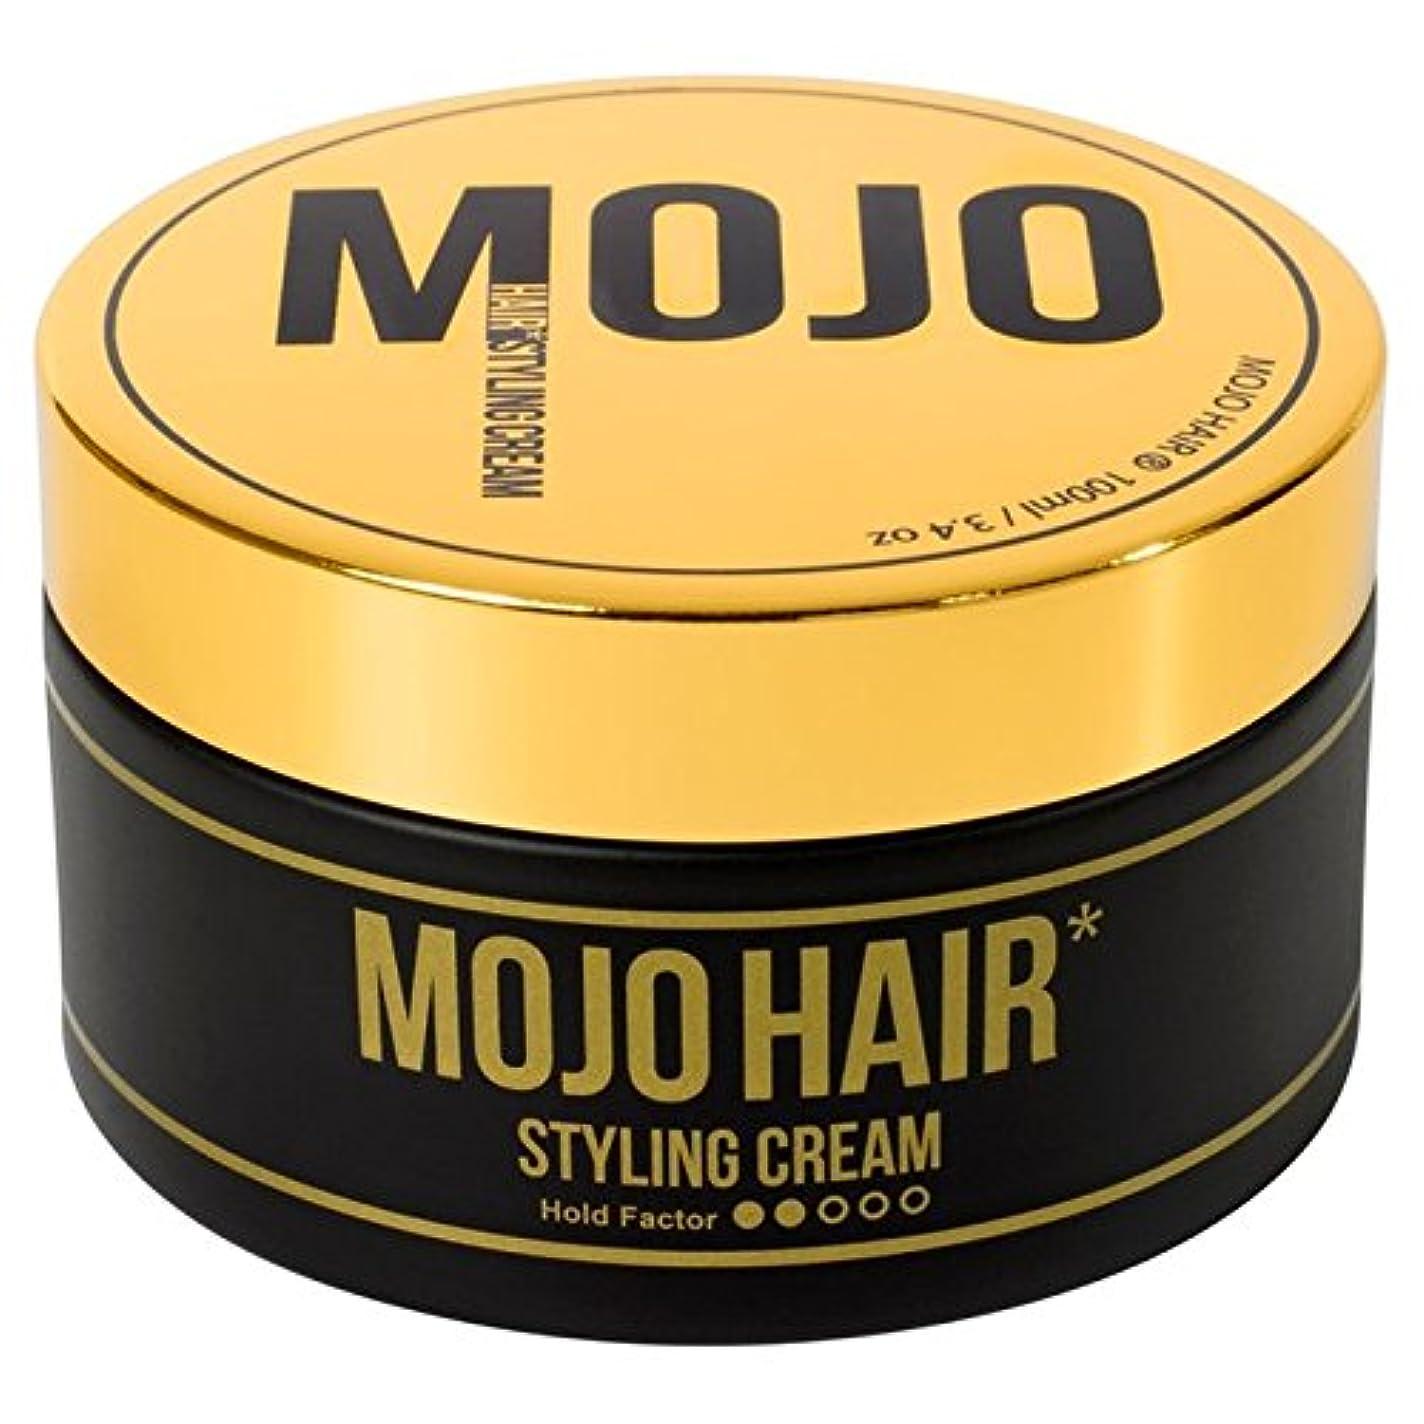 チーム舌な敬意を表する100ミリリットル男性のためのモジョのヘアスタイリングクリーム x4 - MOJO HAIR Styling Cream for Men 100ml (Pack of 4) [並行輸入品]